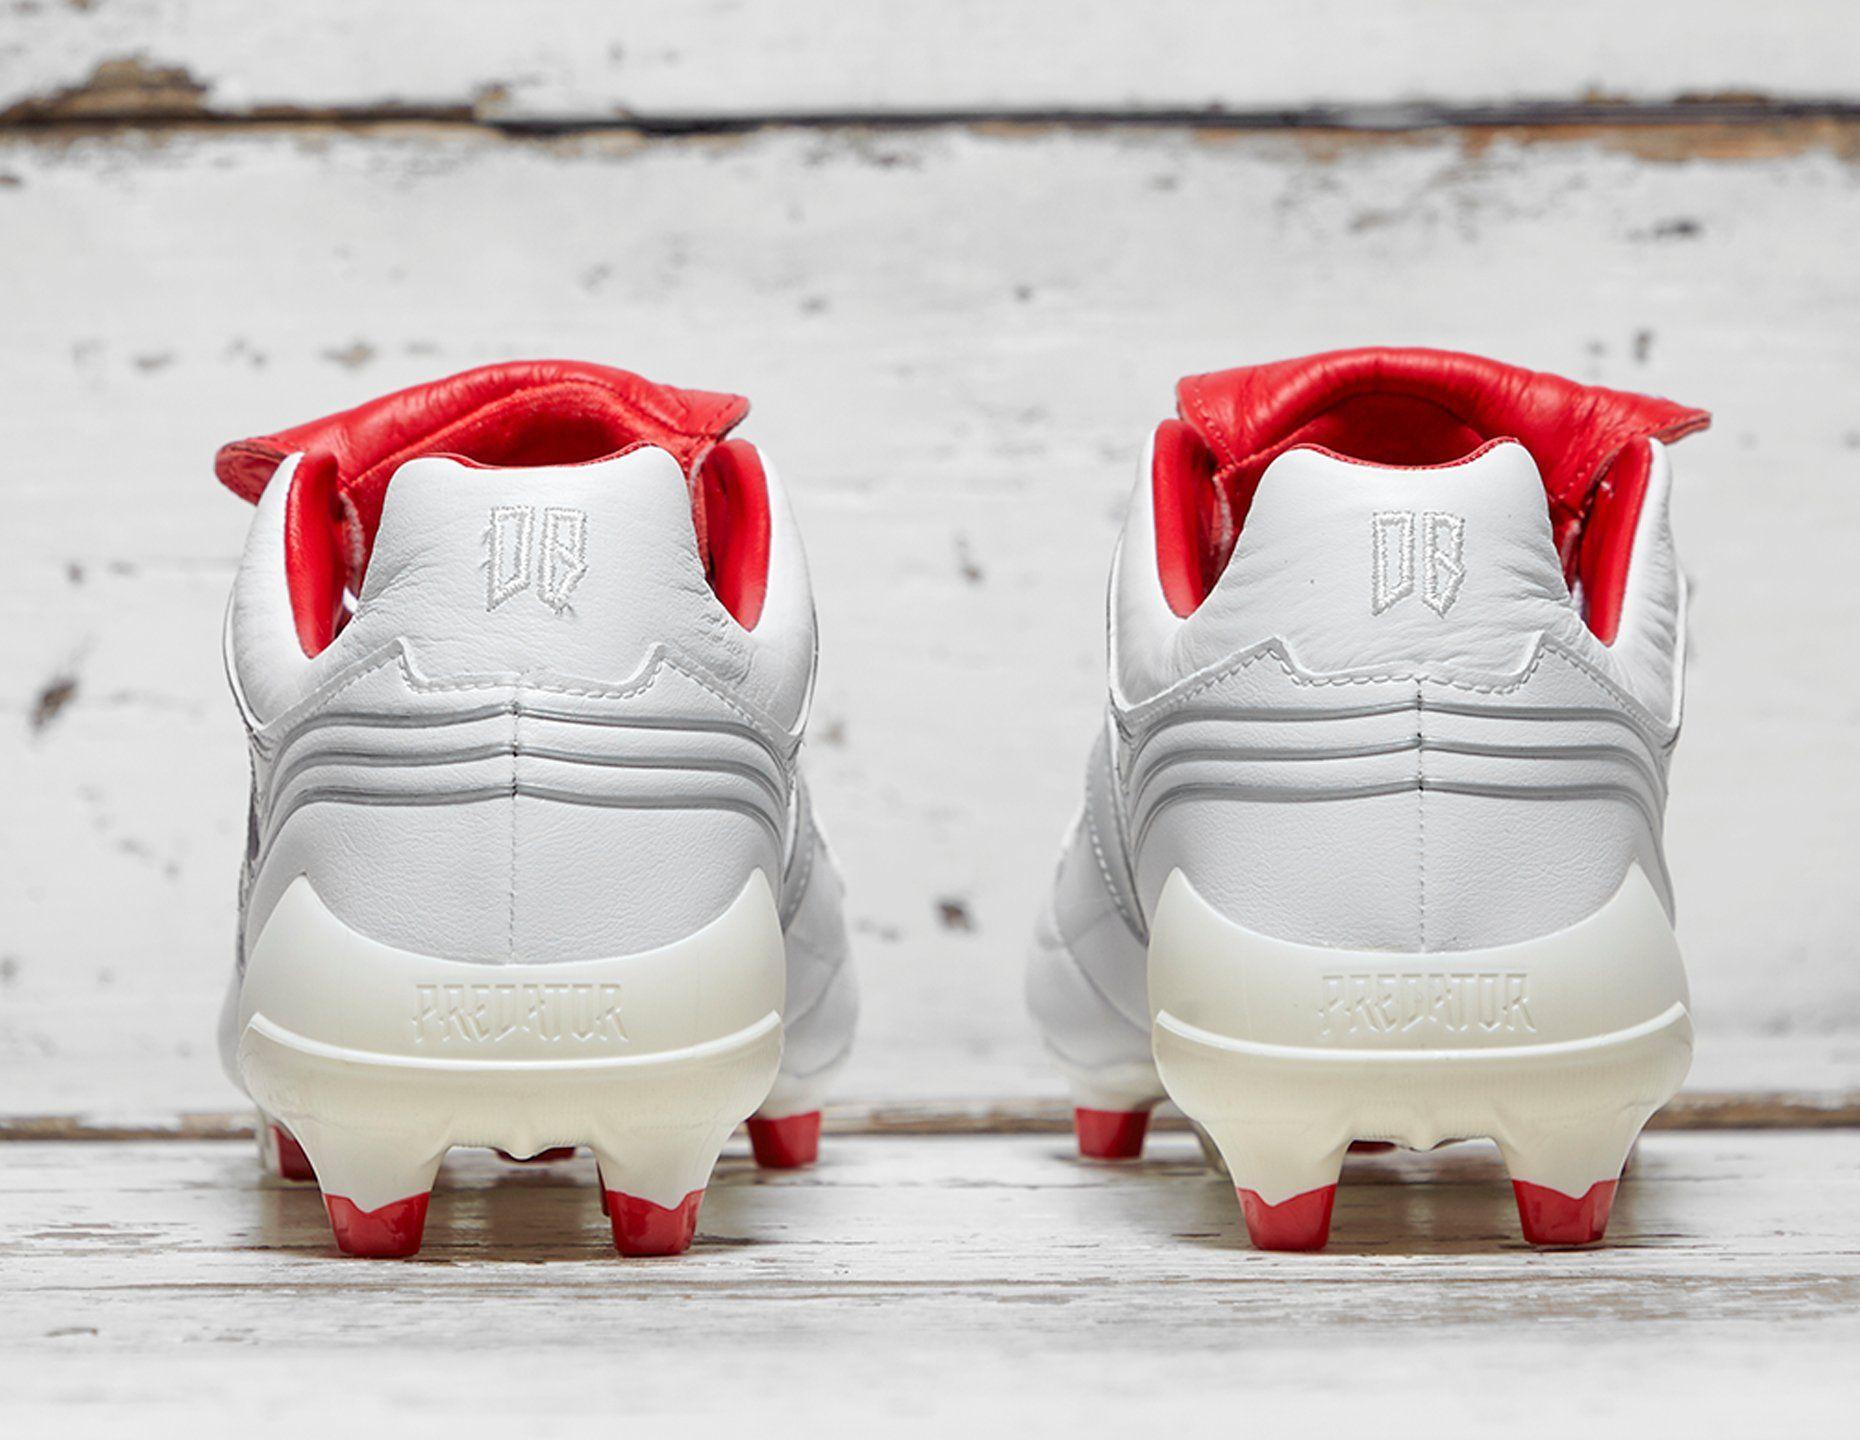 adidas Consortium Beckham x Zidane Predator Precision Trainer